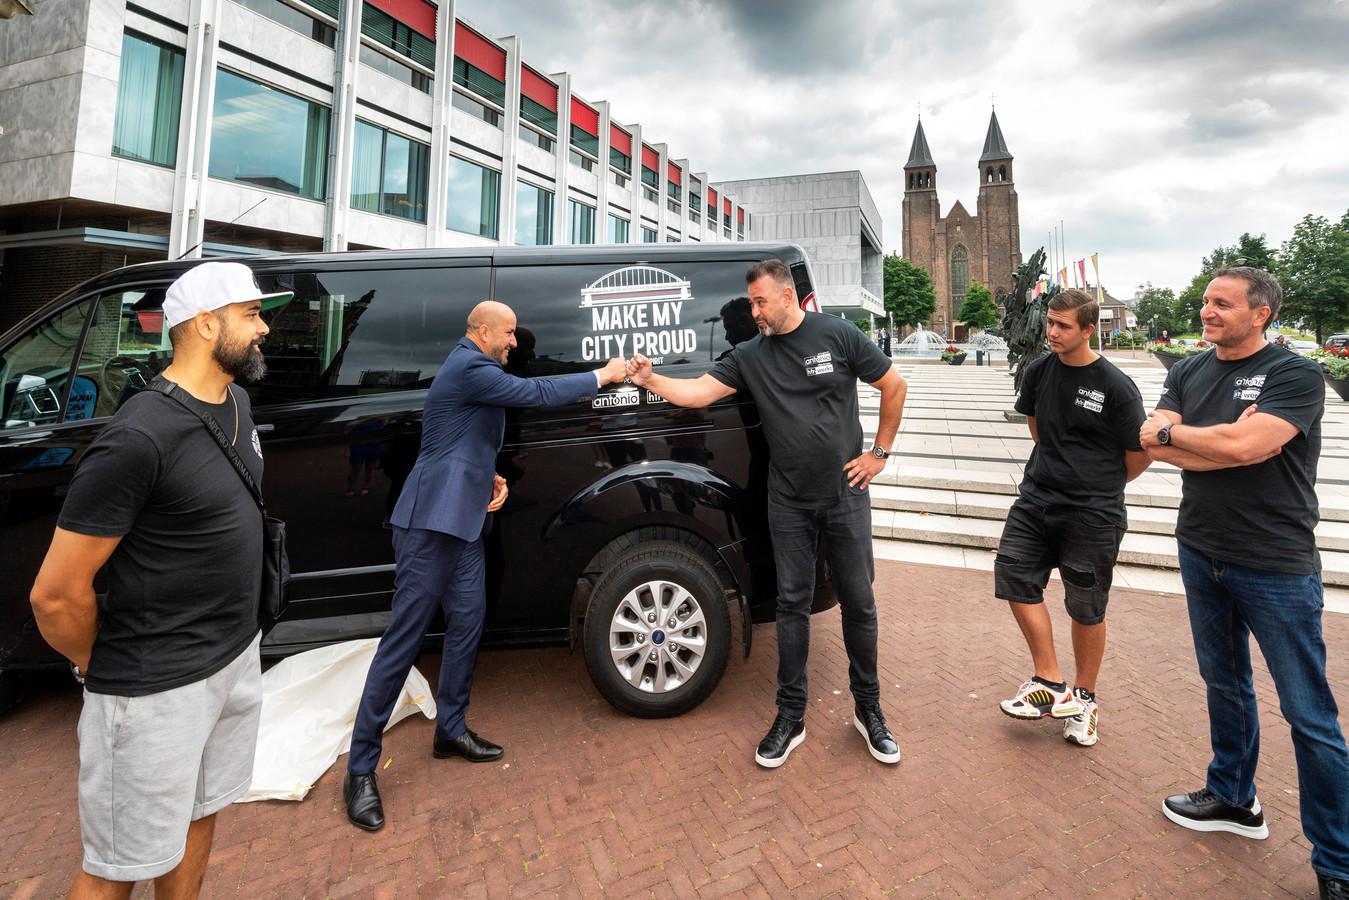 Arnhem, 22 juli 2021. Burgemeester Marcouch tekent een contract t.b.v. een project dat jongeren begeleidt naar werk onder de noemer 'Make my city proud'.